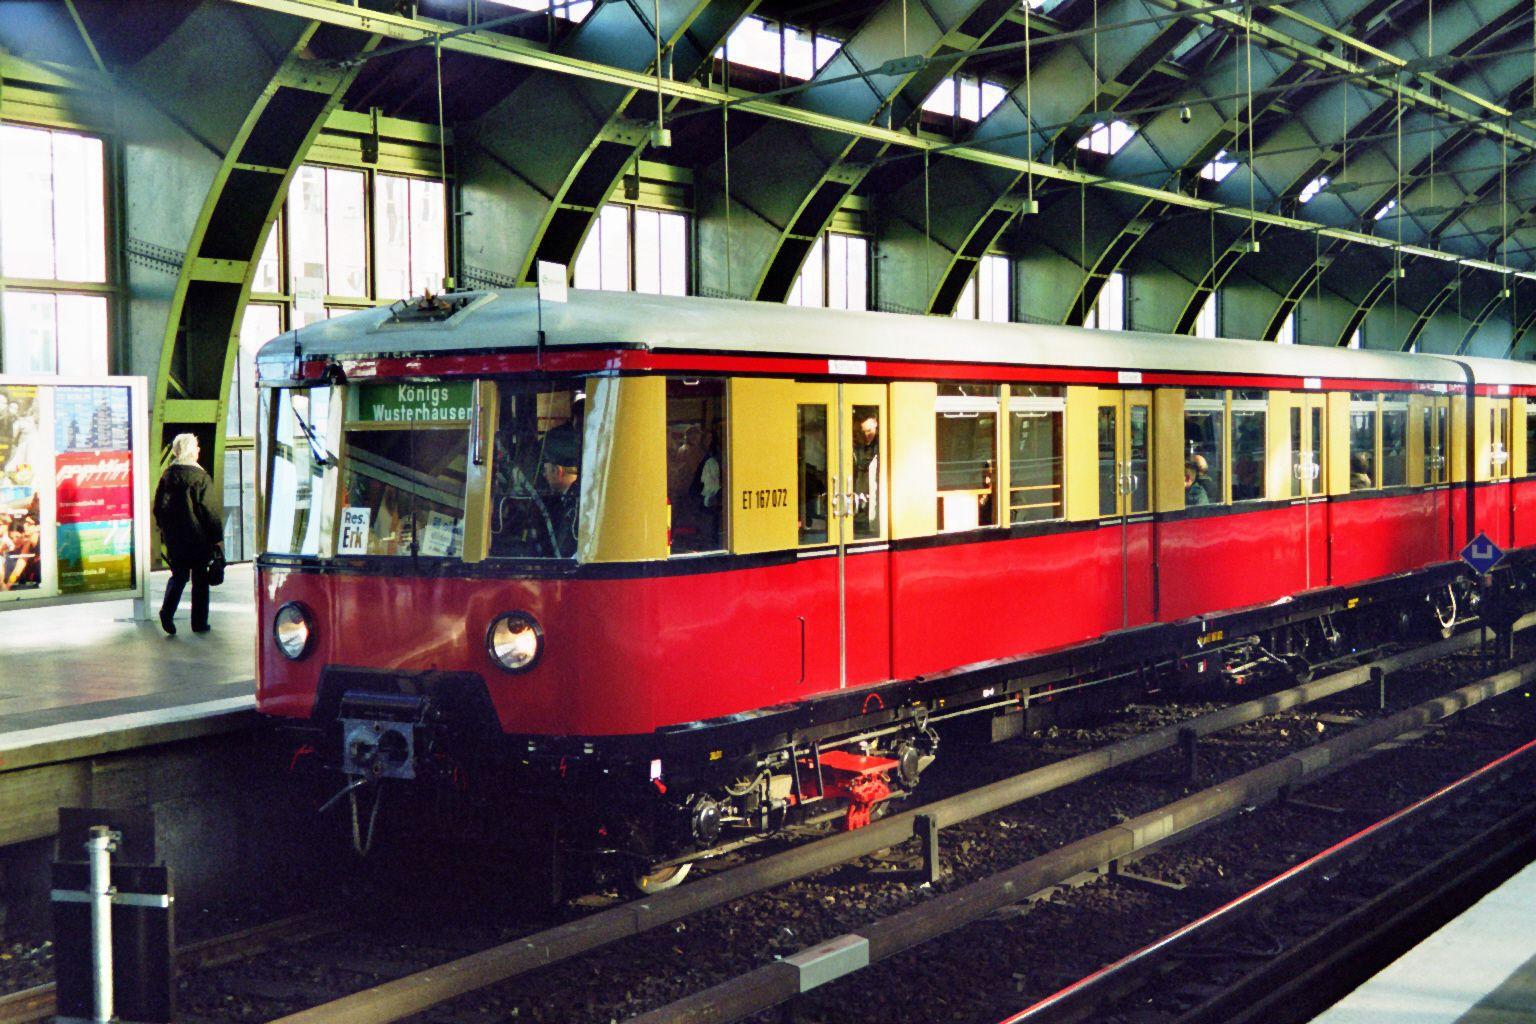 S-Bahn 167 072, Bauart 1938/1941, ex 277 087, Baureihe 167, Ostbahnhof, 2002